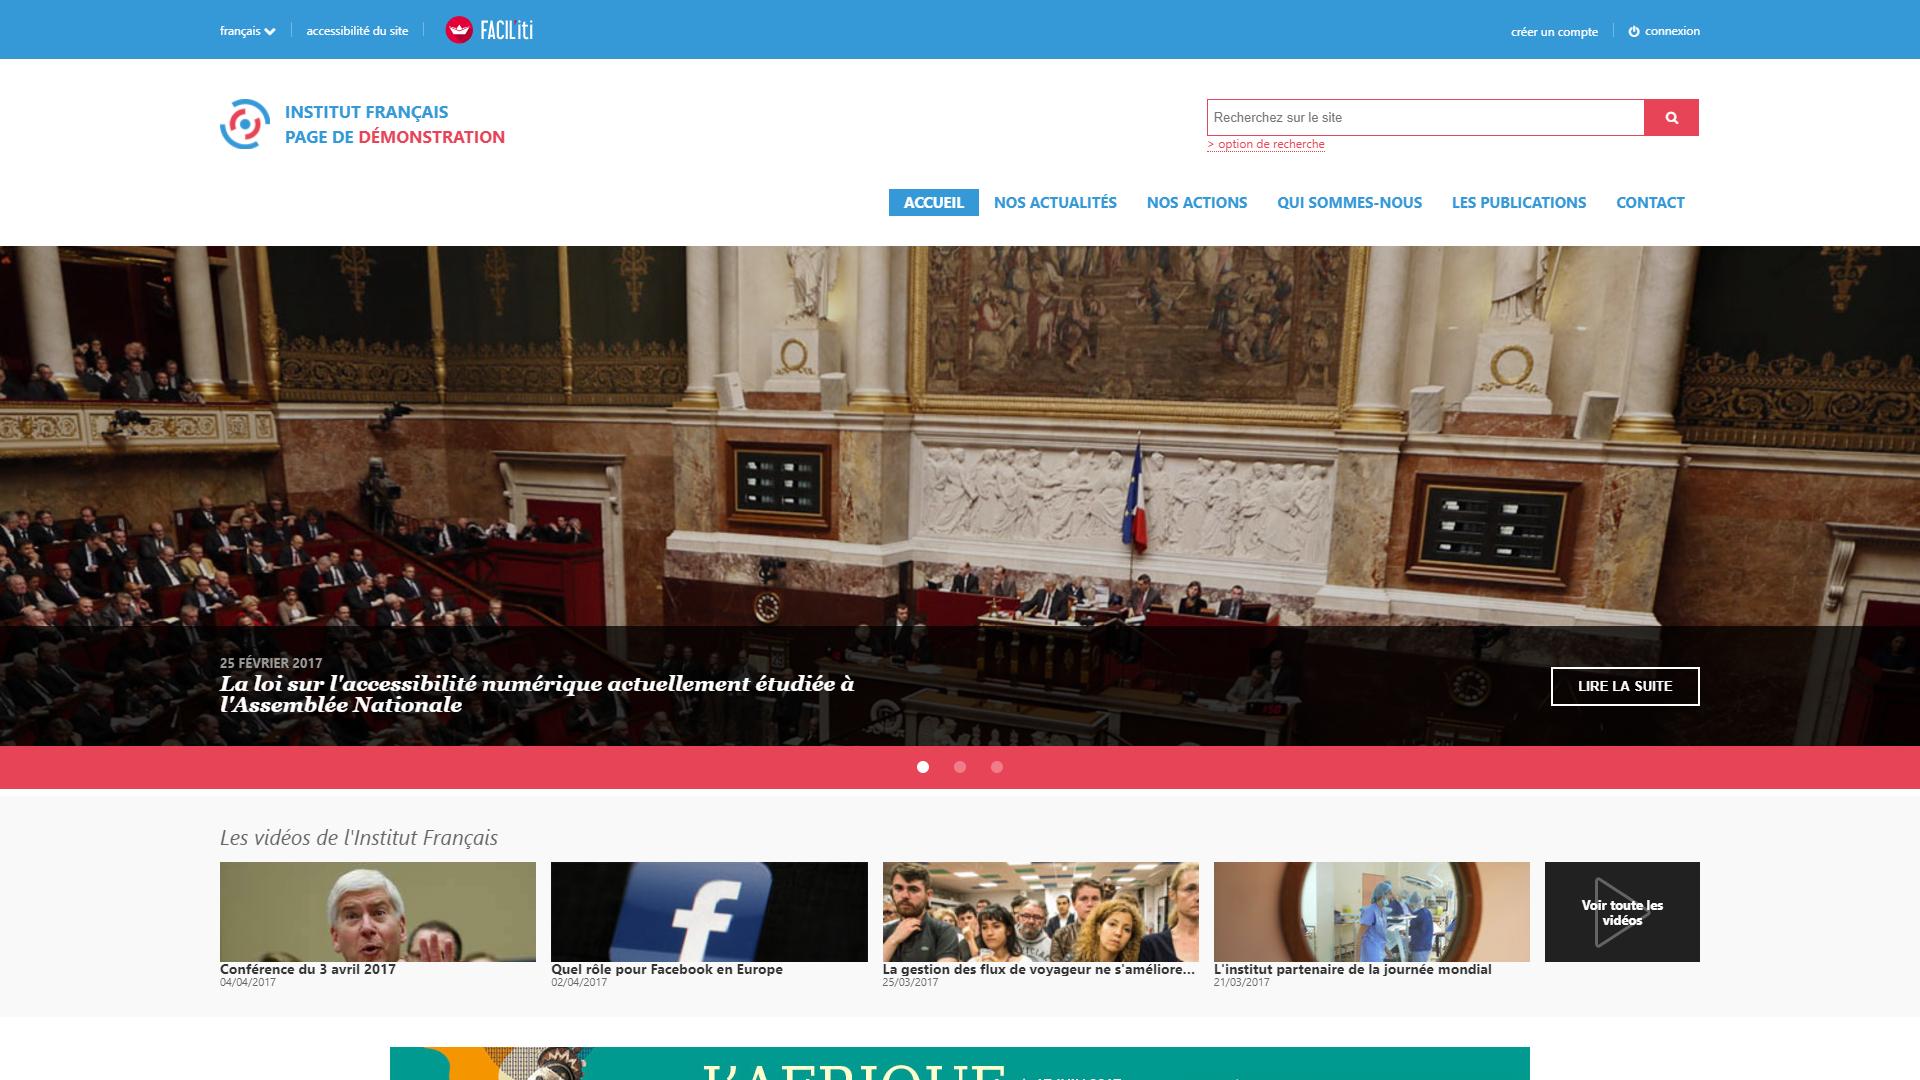 Une page d'accueil d'un site de démonstration sans FACIL'iti activé